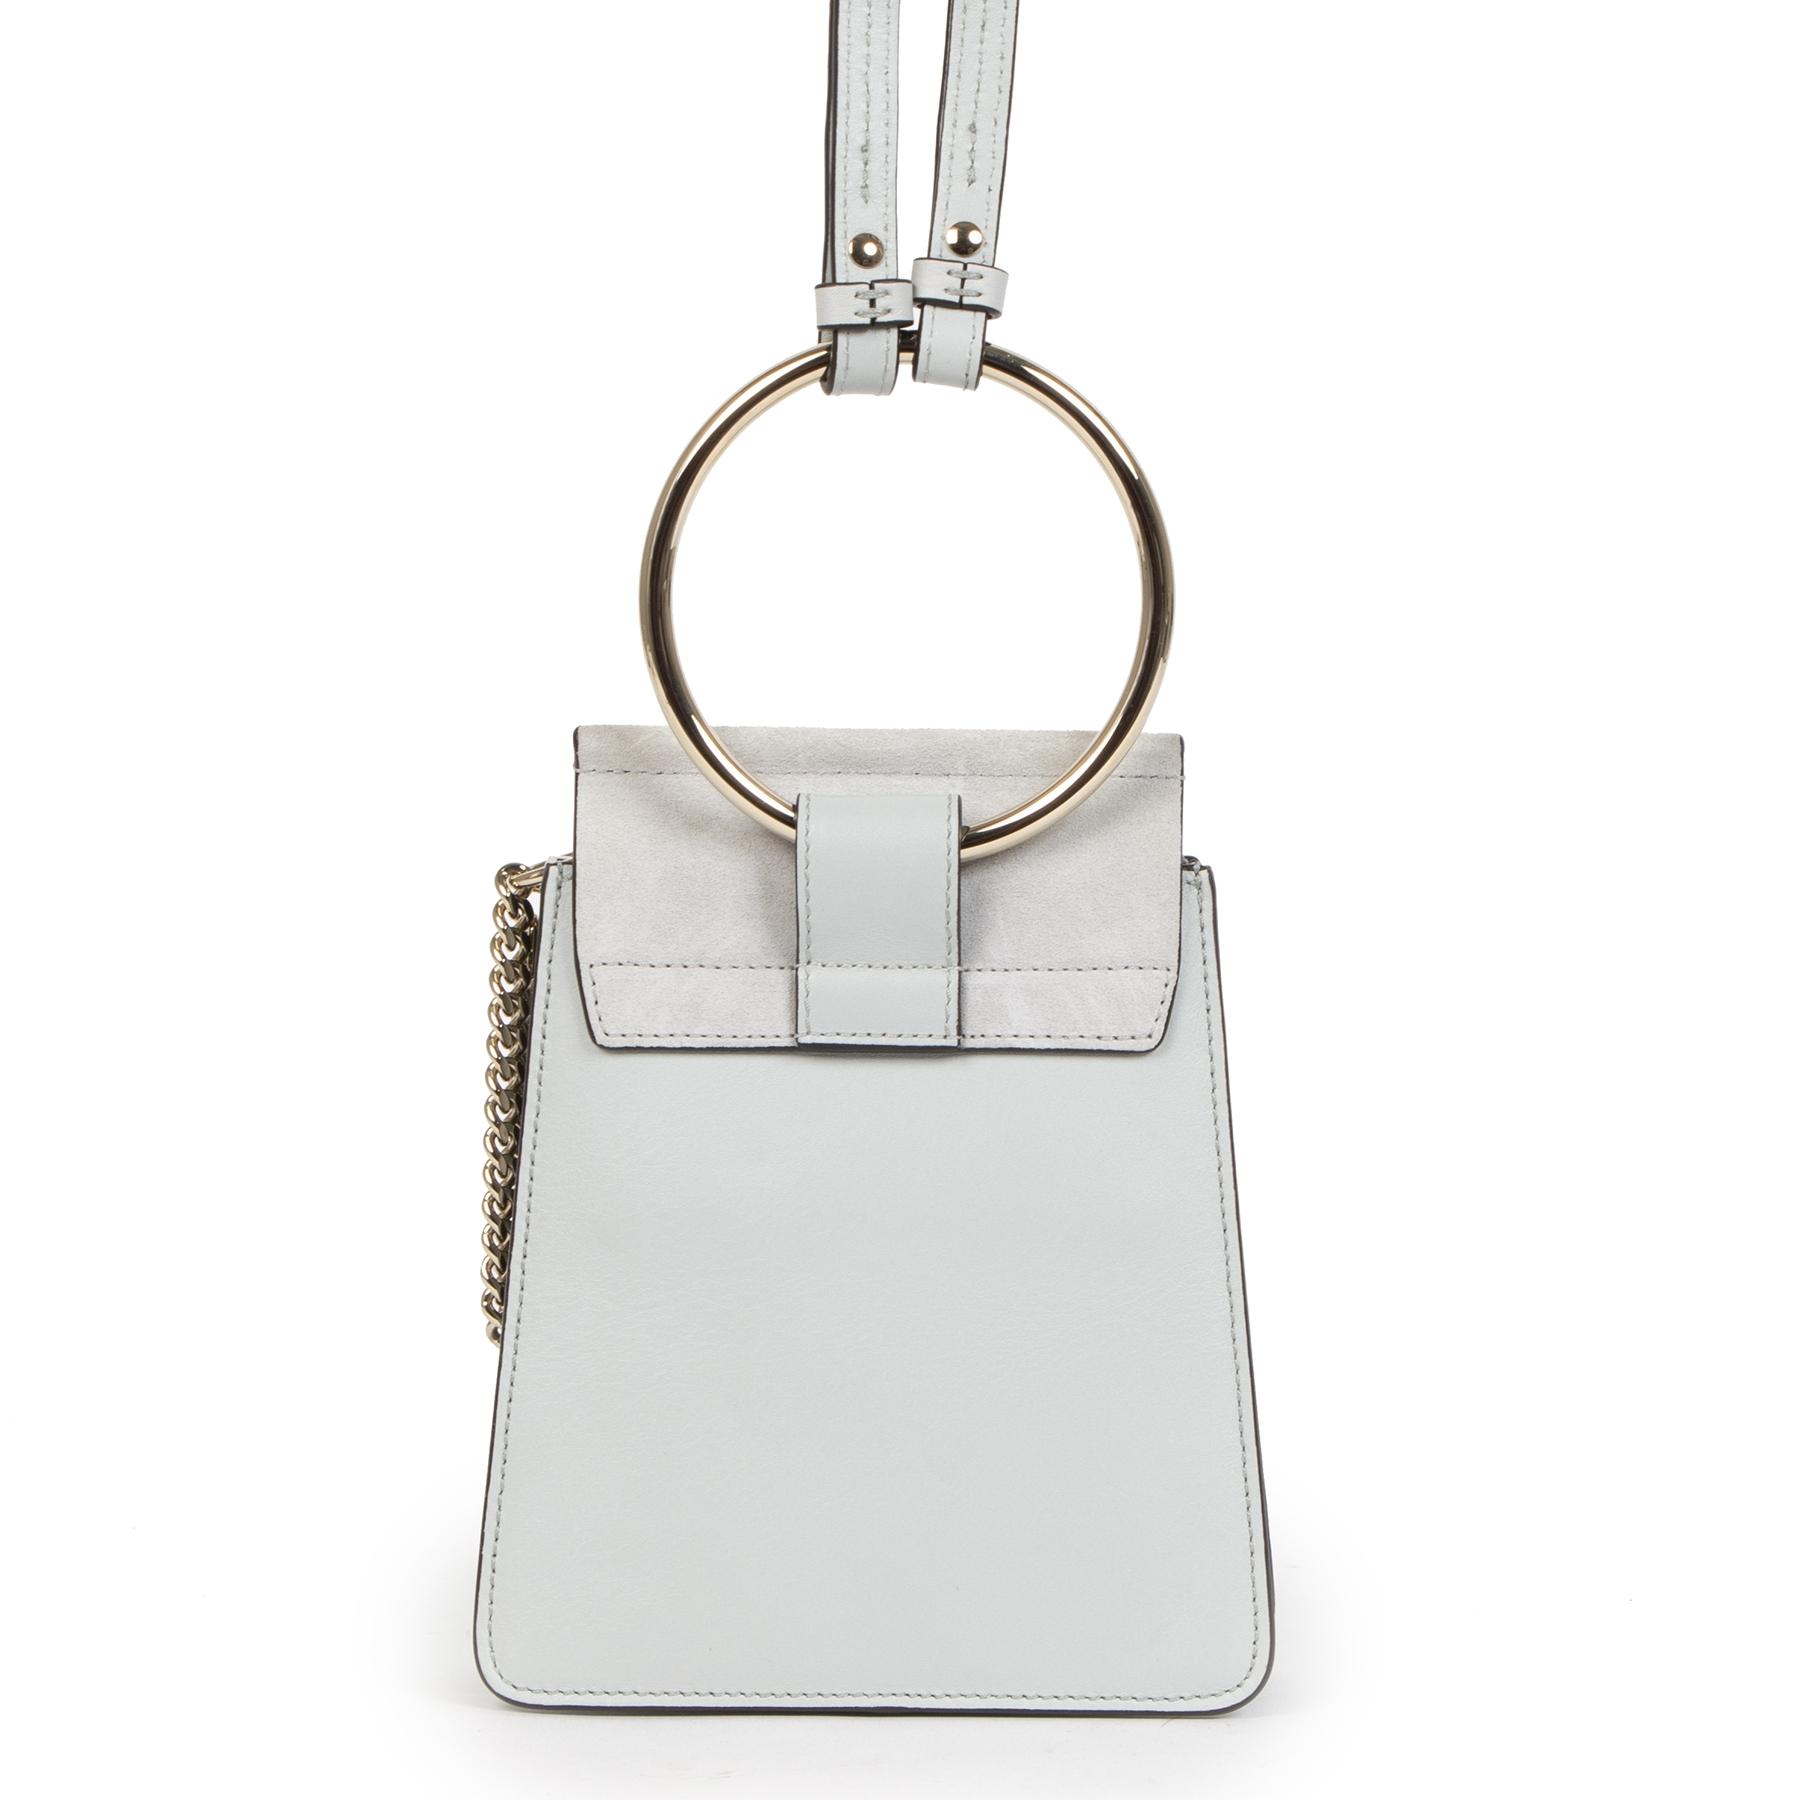 Authentieke Tweedehands Chloé Airy Grey Faye Mini Bag juiste prijs veilig online shoppen luxe merken webshop winkelen Antwerpen België mode fashion